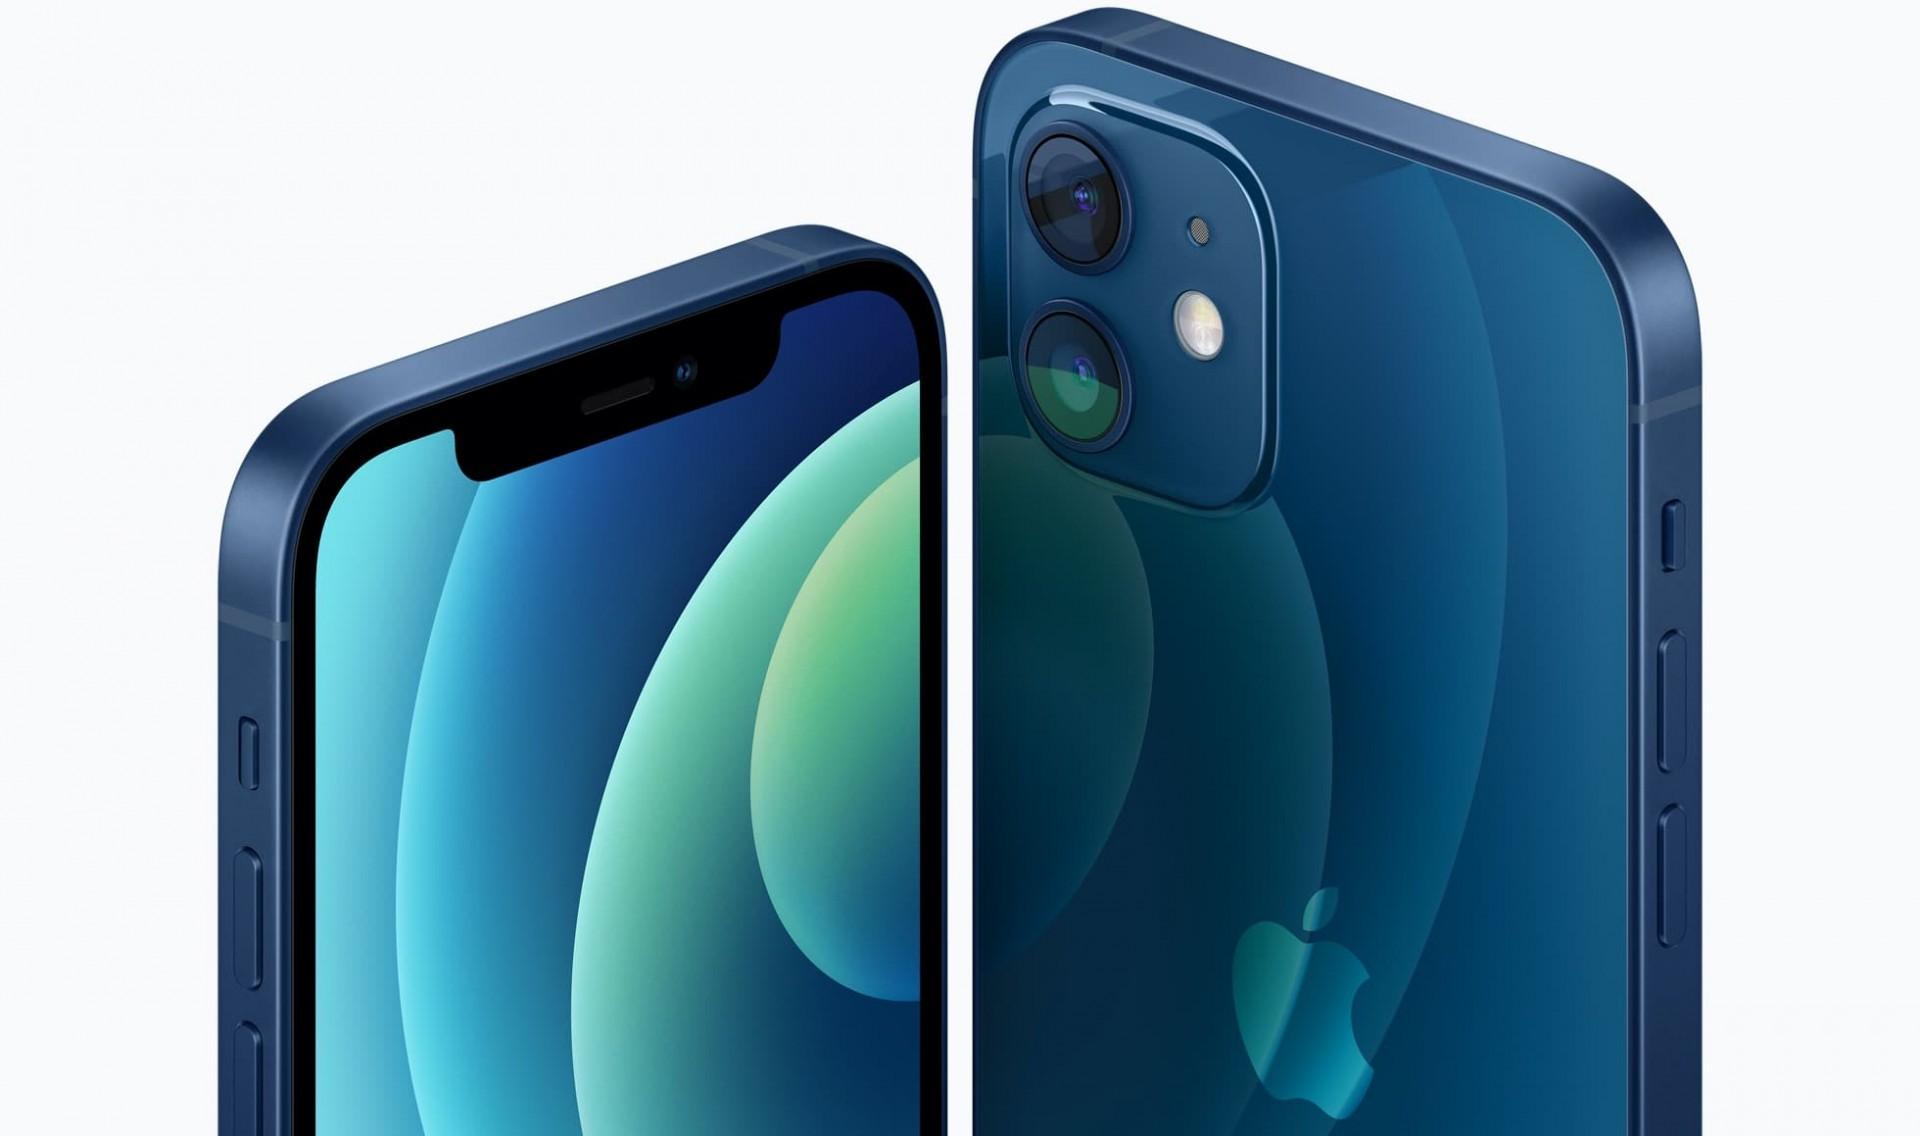 Capacidade das baterias dos novos modelos do iPhone 12 foram reveladas